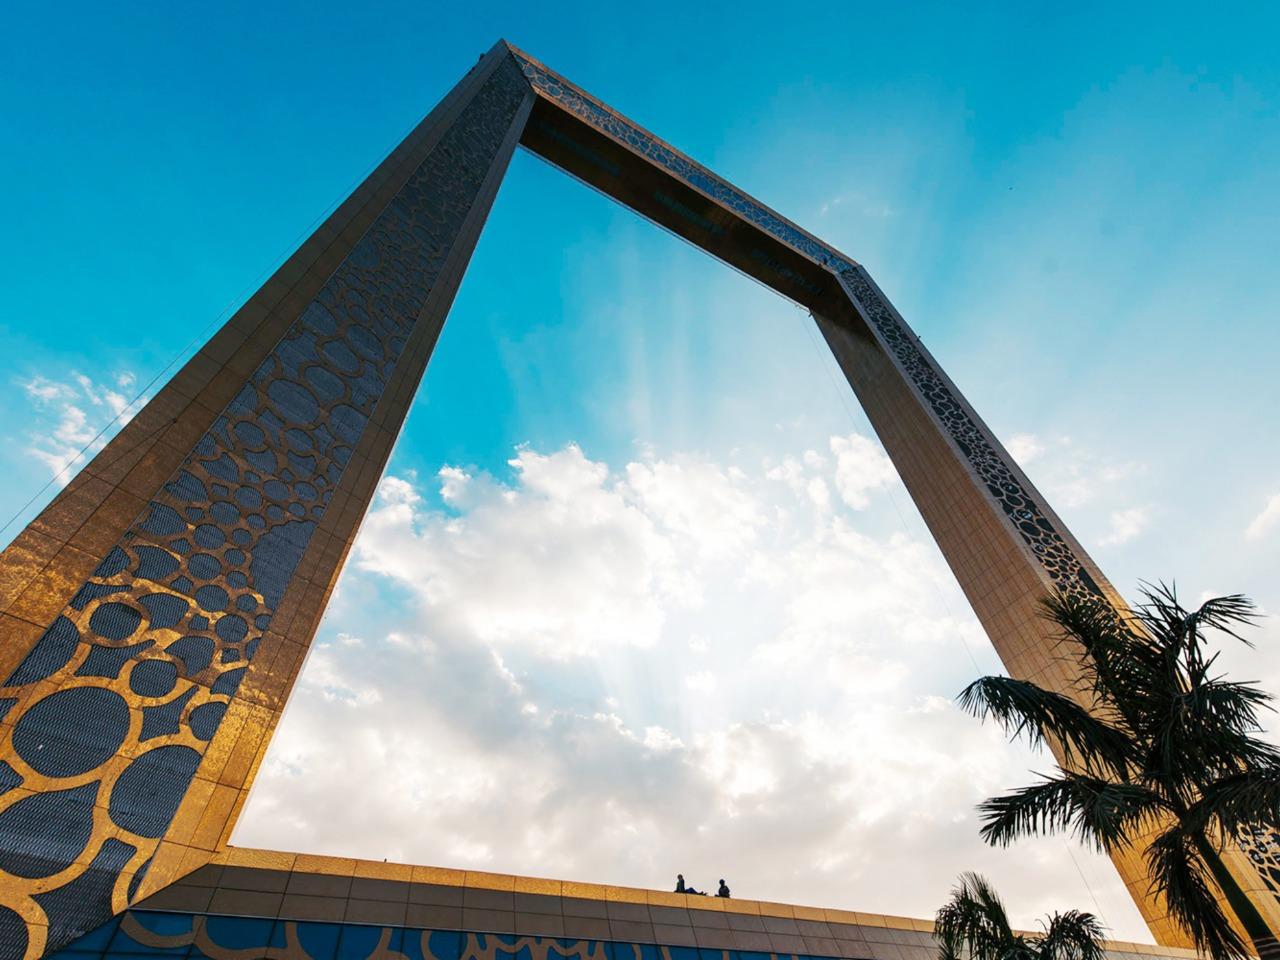 Dubai Frame — Дубайская арка из золота - индивидуальная экскурсия в Дубае от опытного гида